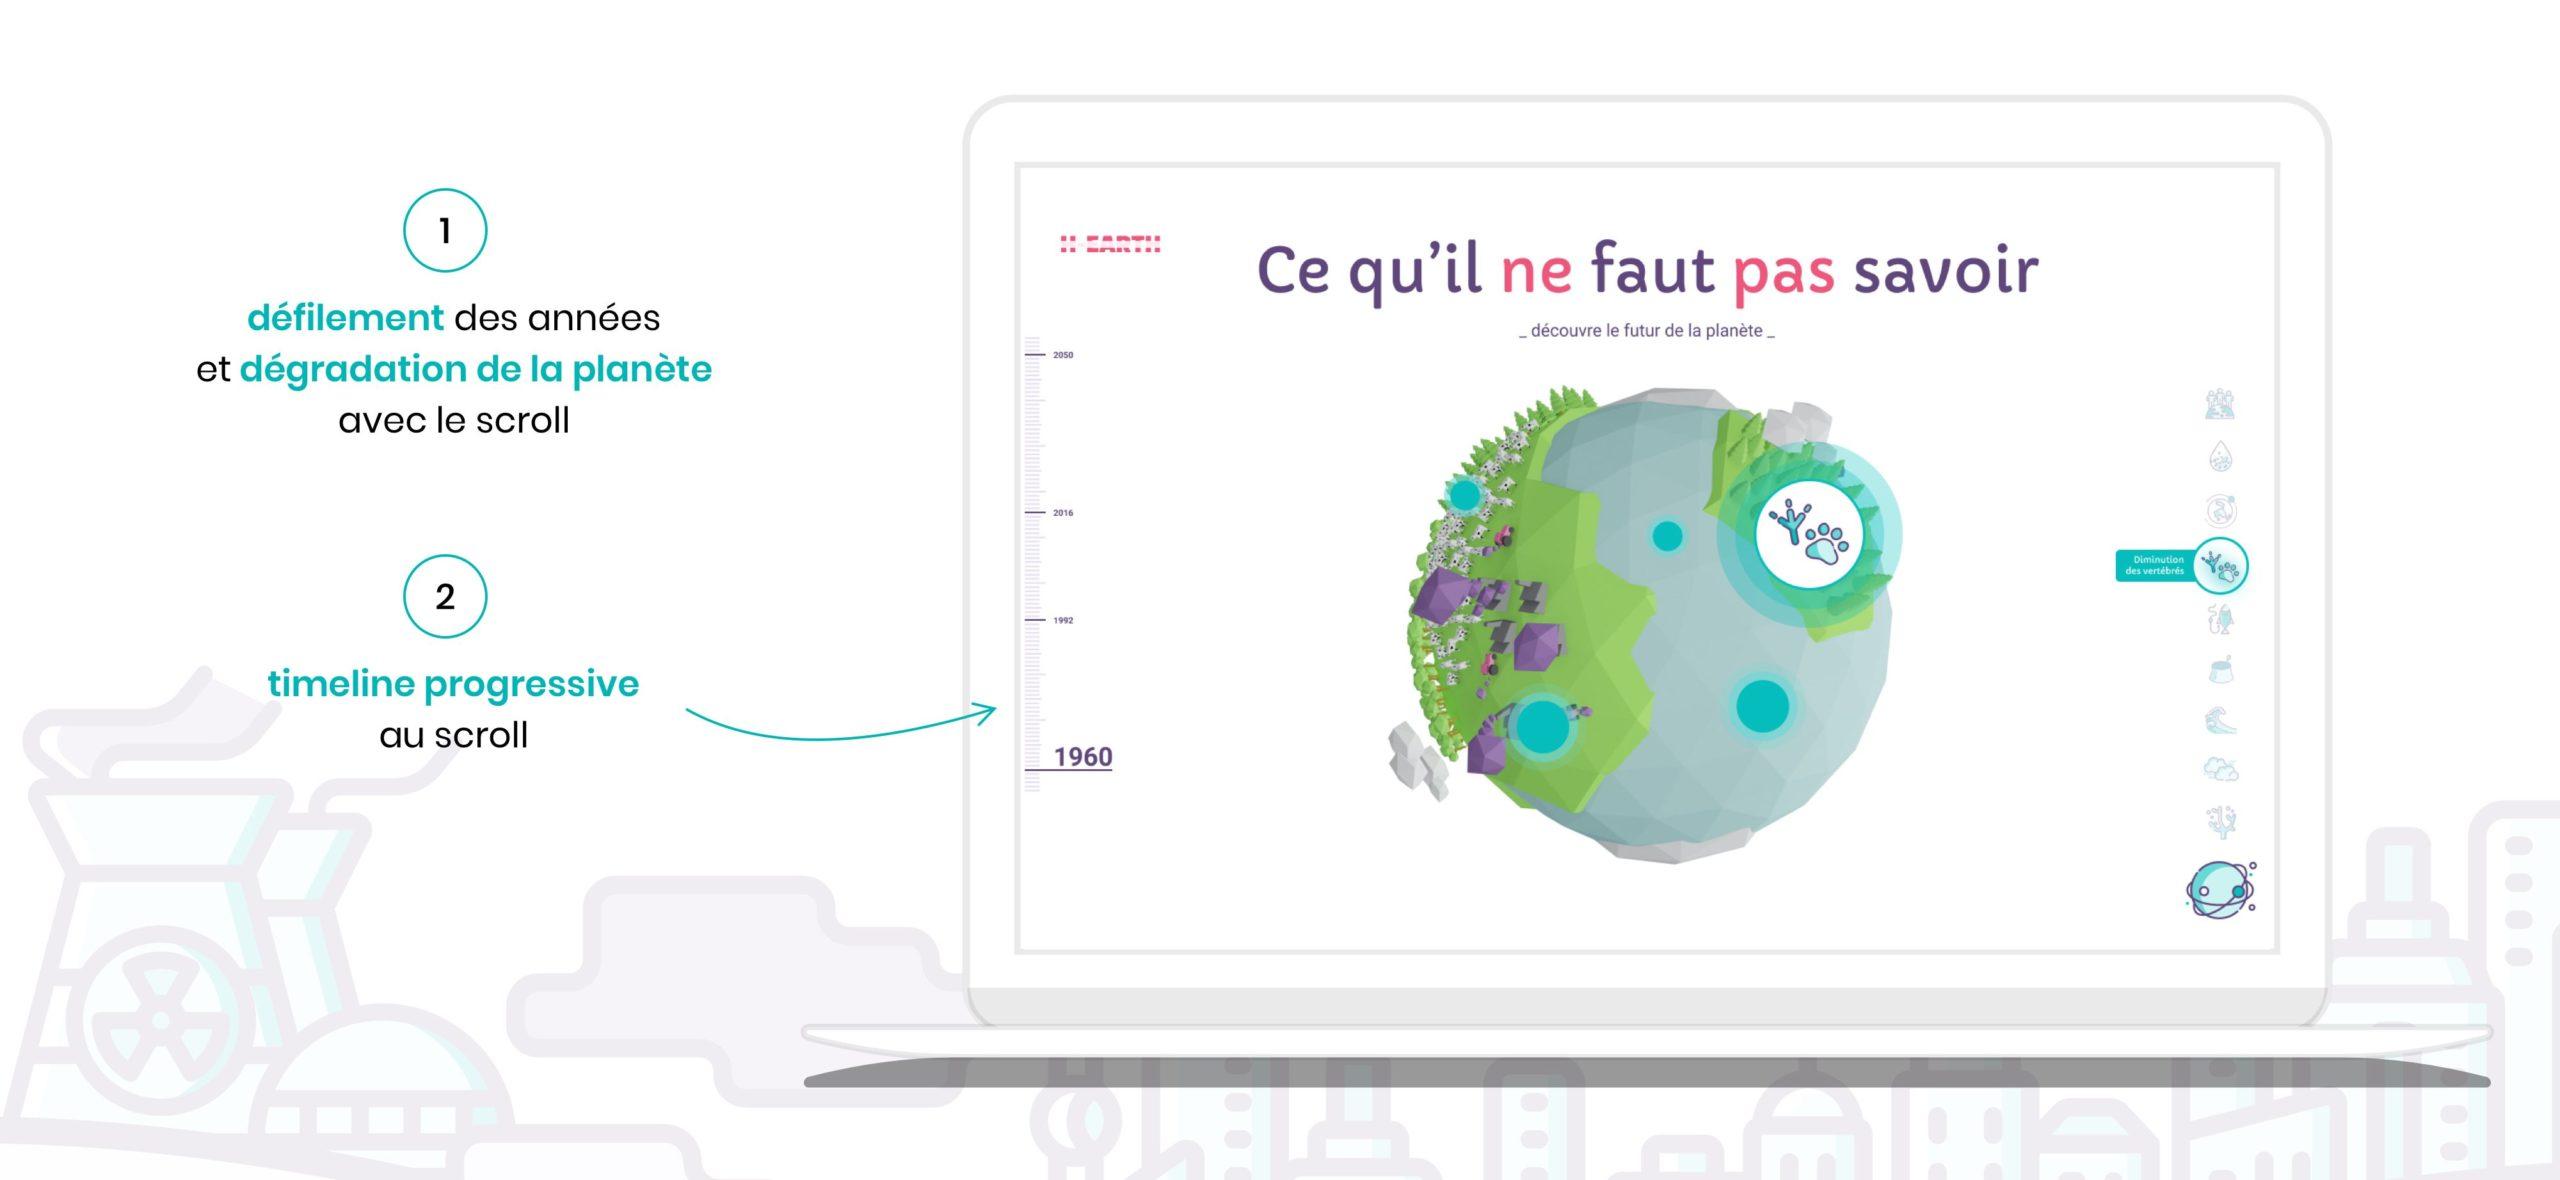 CandiceH Projet H-earth UX-UI-Design ; Vulgarisation Réchauffement Climatique Design01